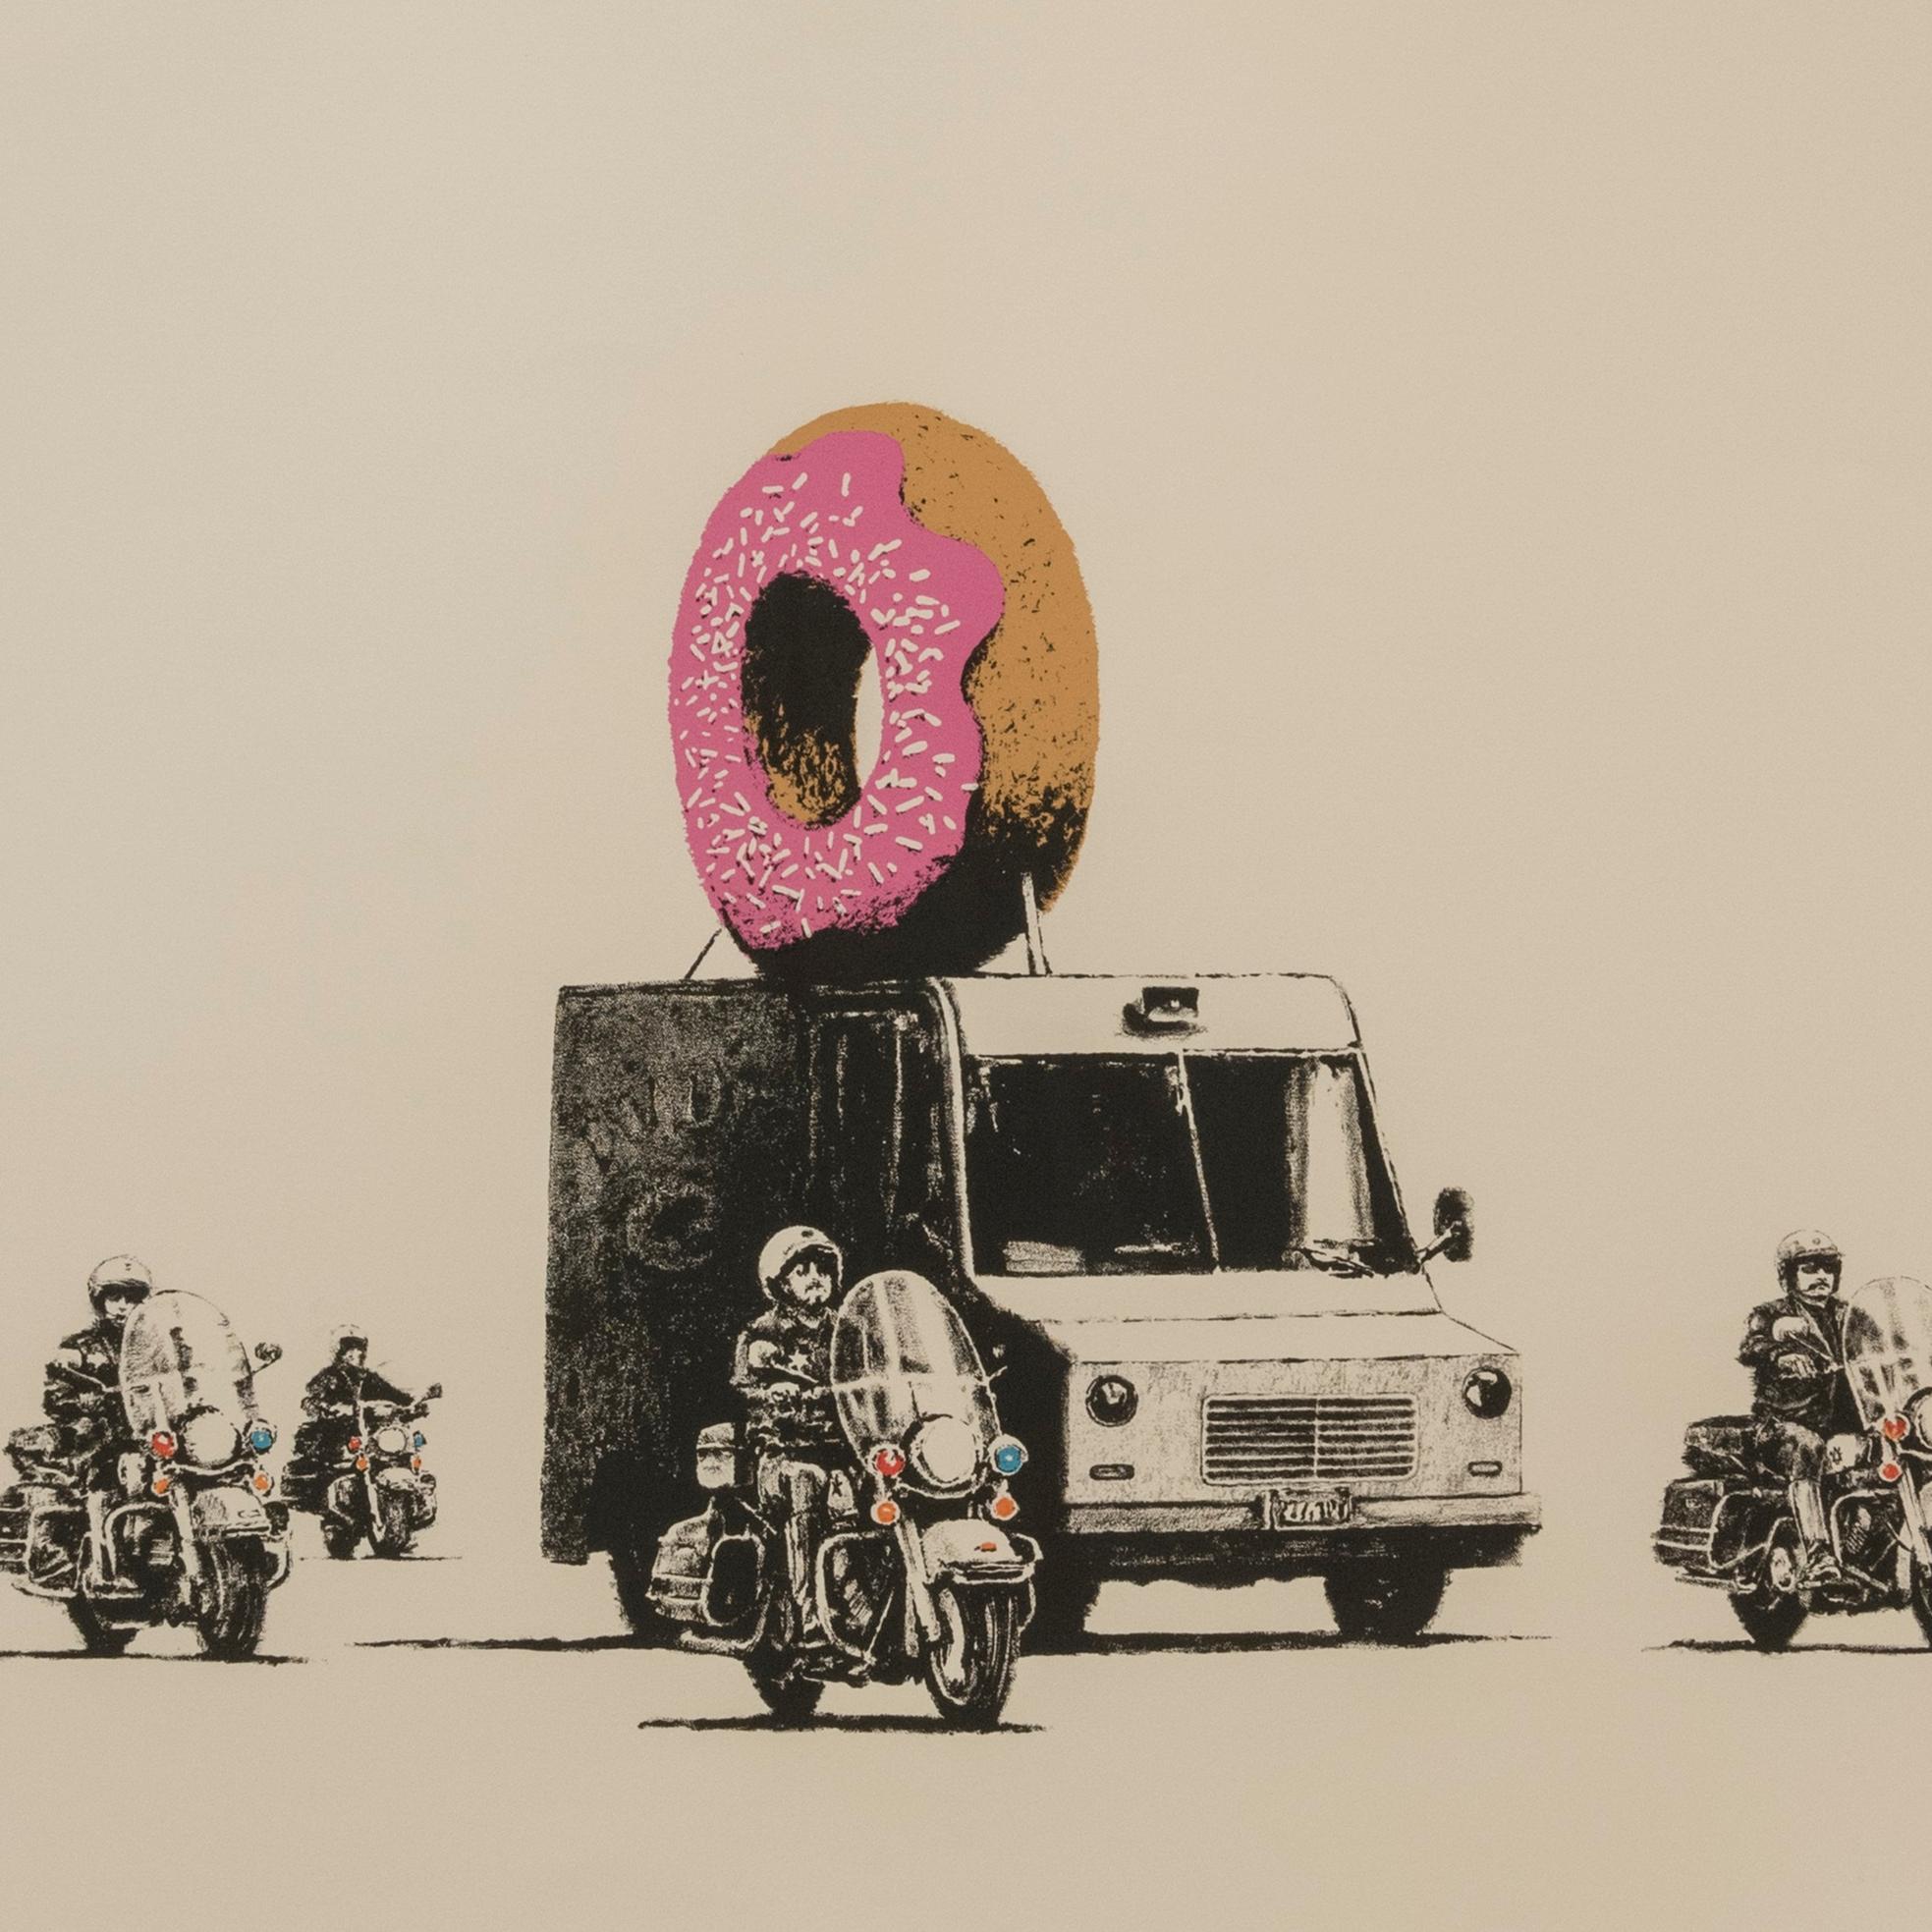 對社會最真實、幽默的批判!「班克斯:叛逆有理」台灣首場神秘街頭藝術家班克斯作品展